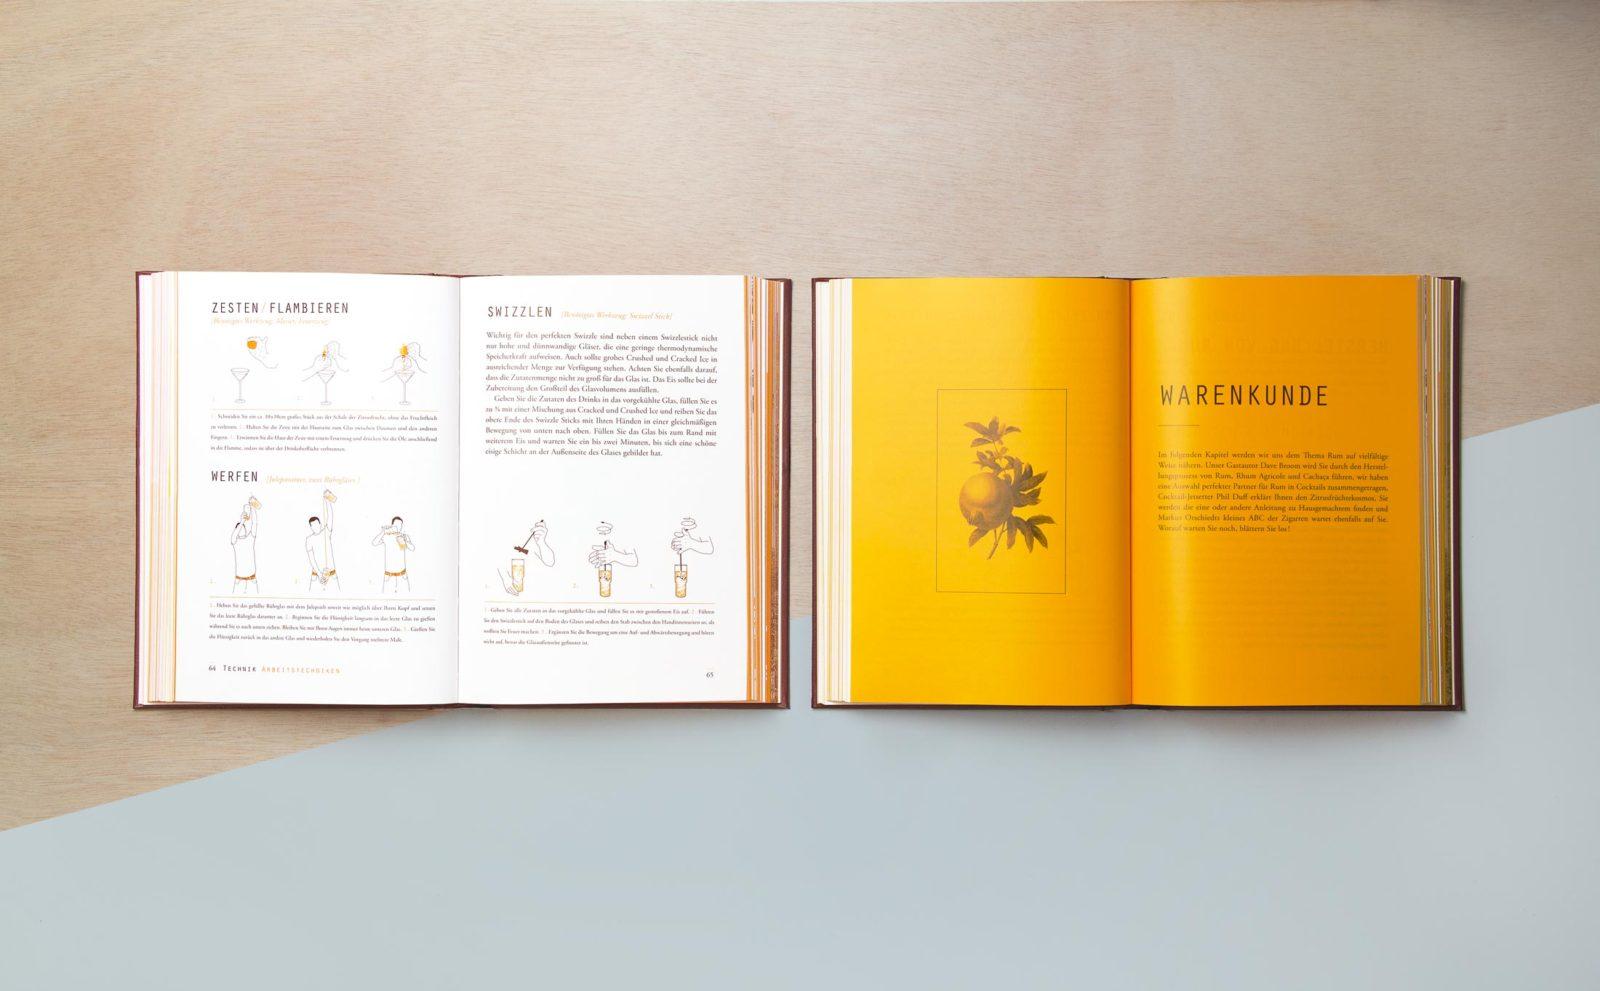 Kommunikationsdesign, Buchgestaltung, Grafikdesign, Cocktailian 2 Rum & Cachaça